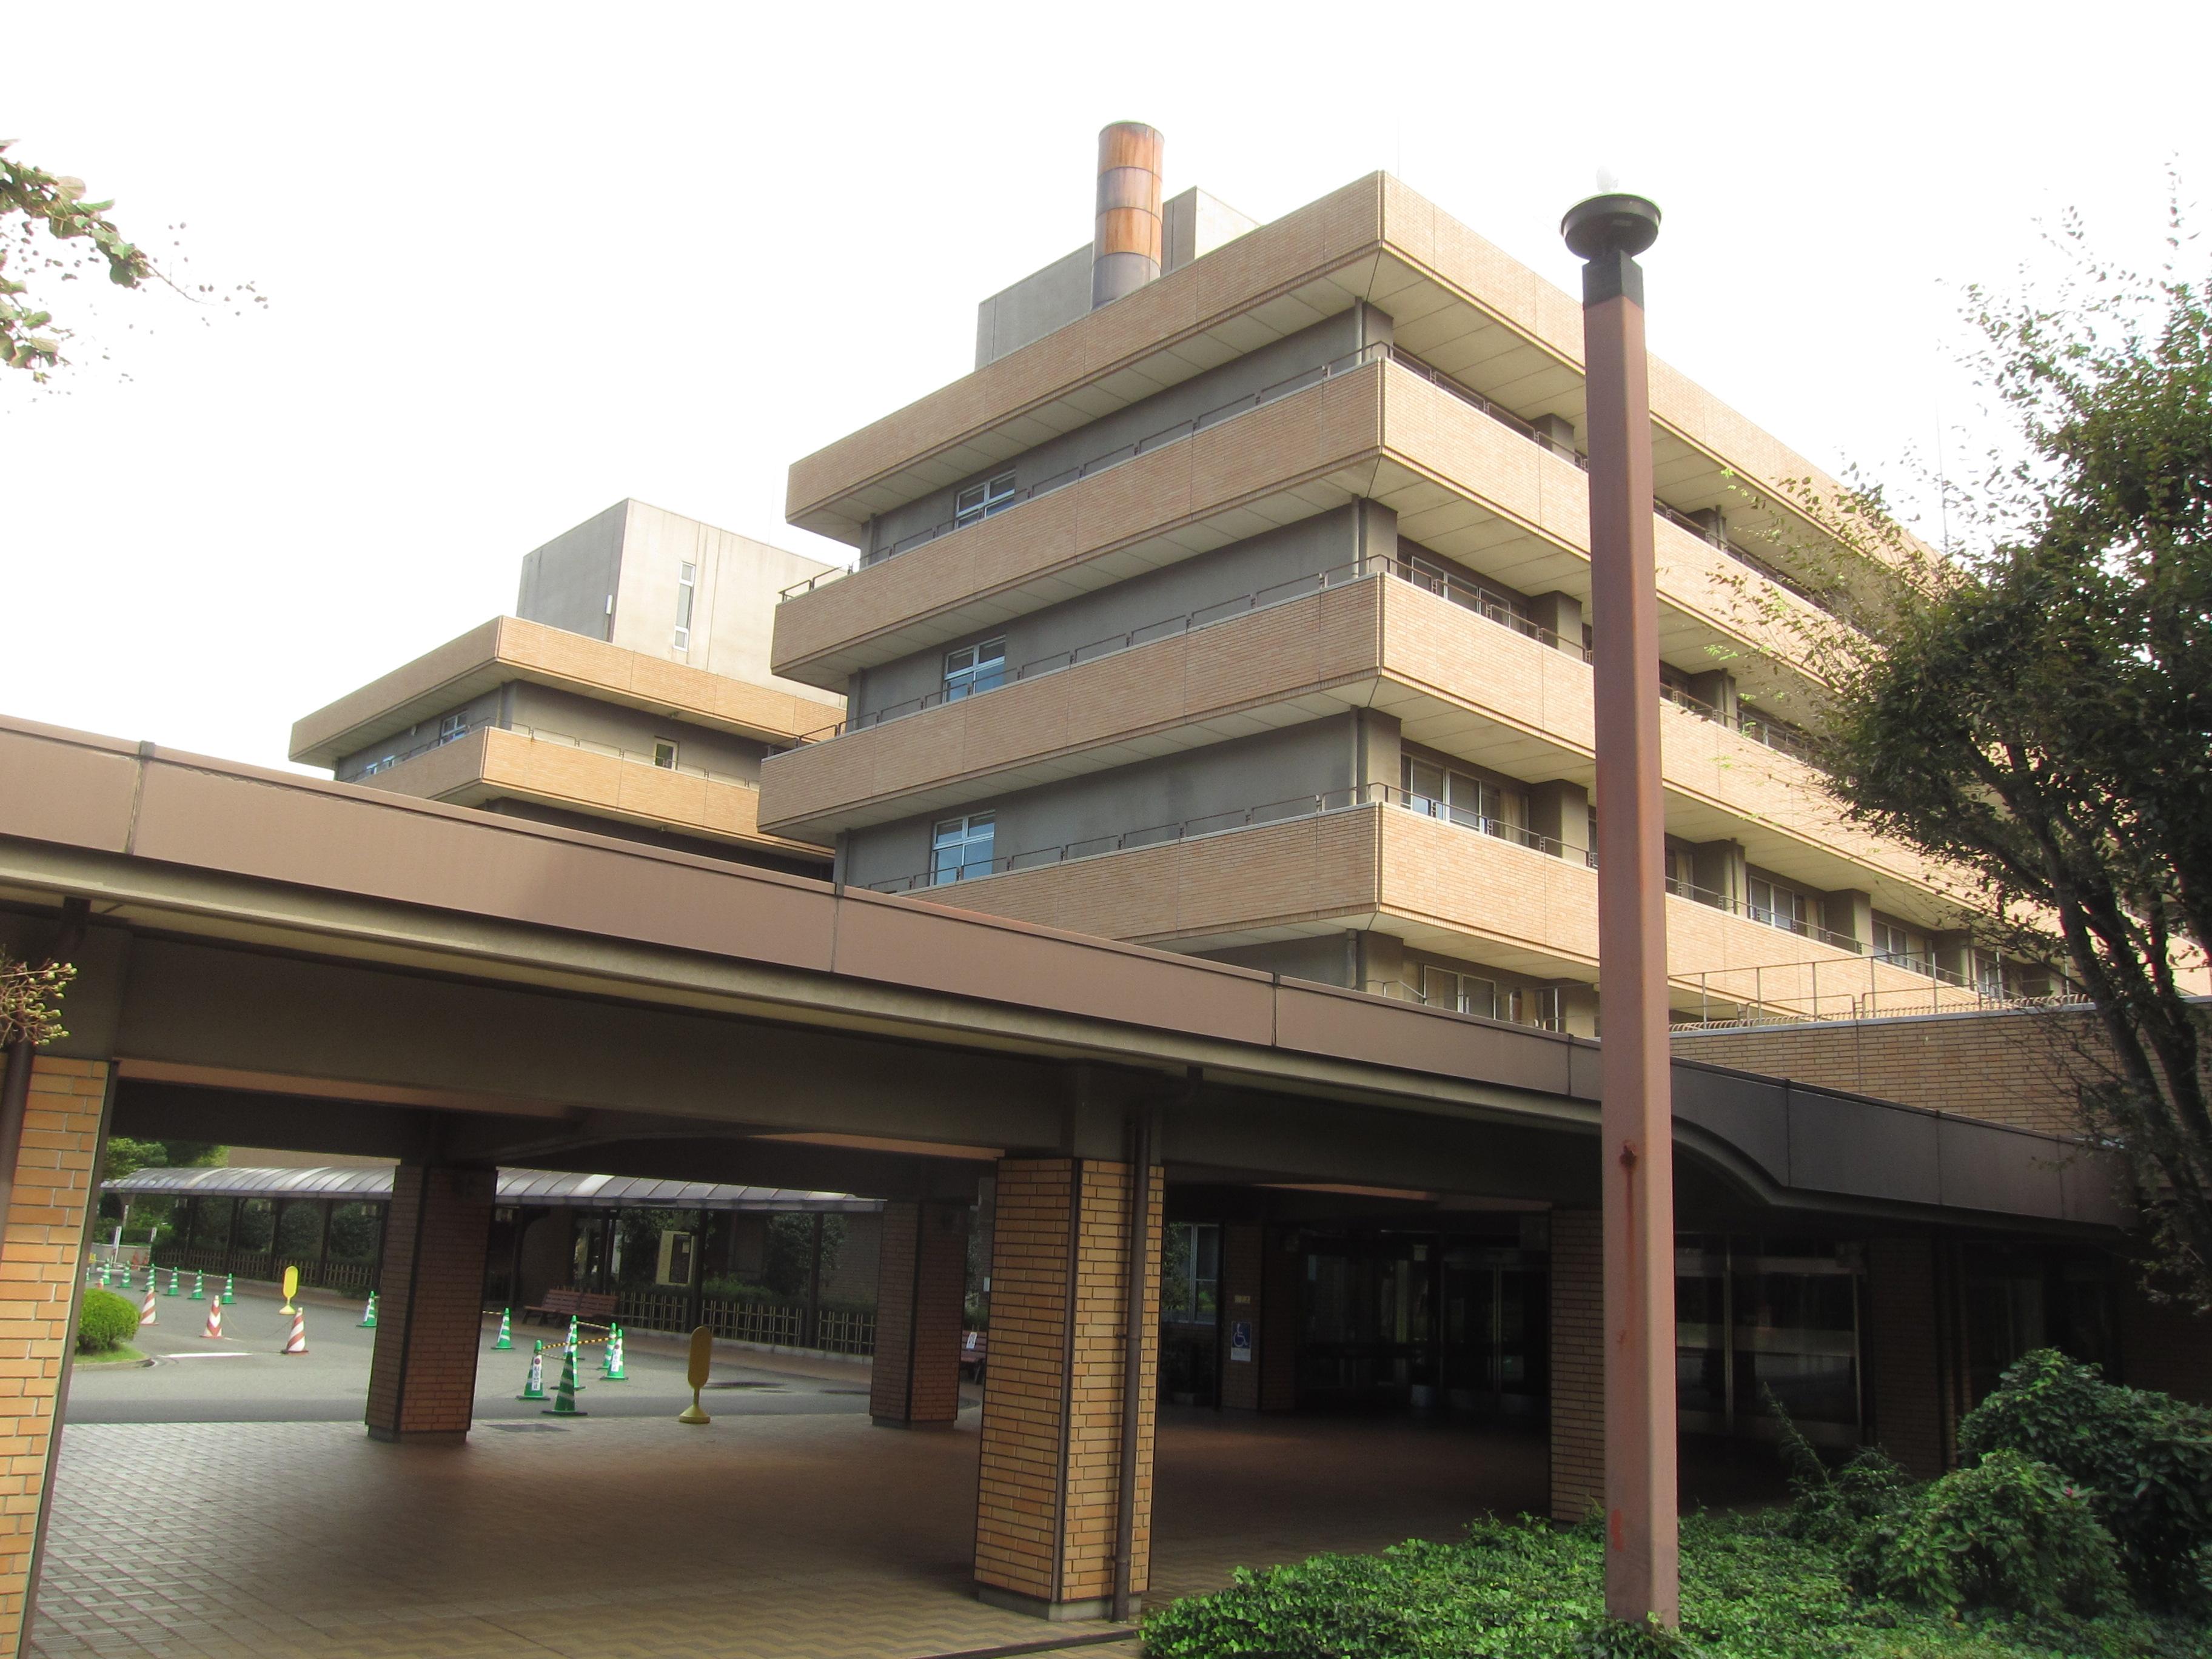 市 病院 西部 横浜 マリアンナ 聖 スタッフ紹介